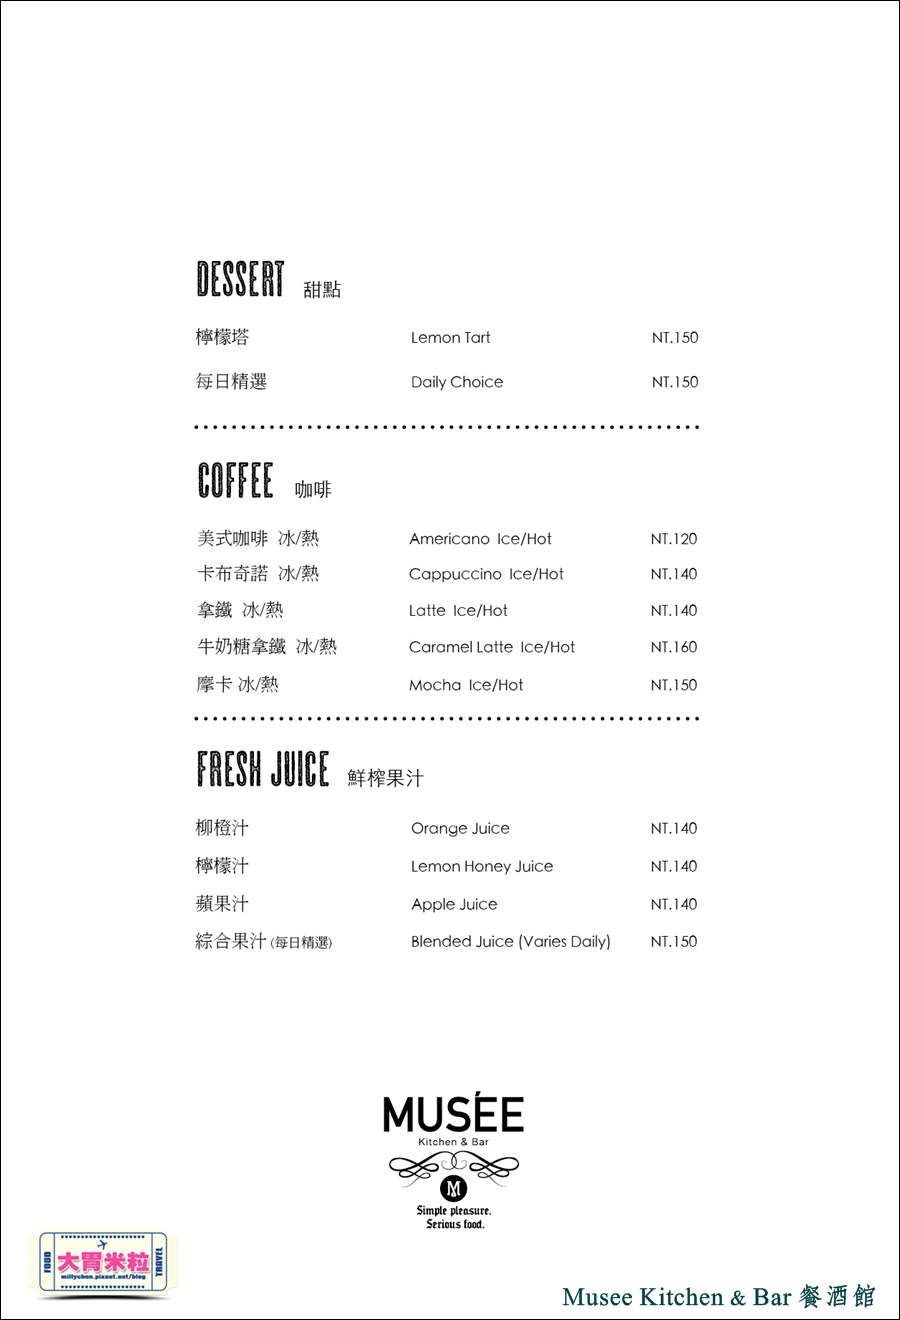 台北特色餐酒館推薦-Musee Kitchen & bar 工業風傢俱餐酒館-millychun0086.jpg